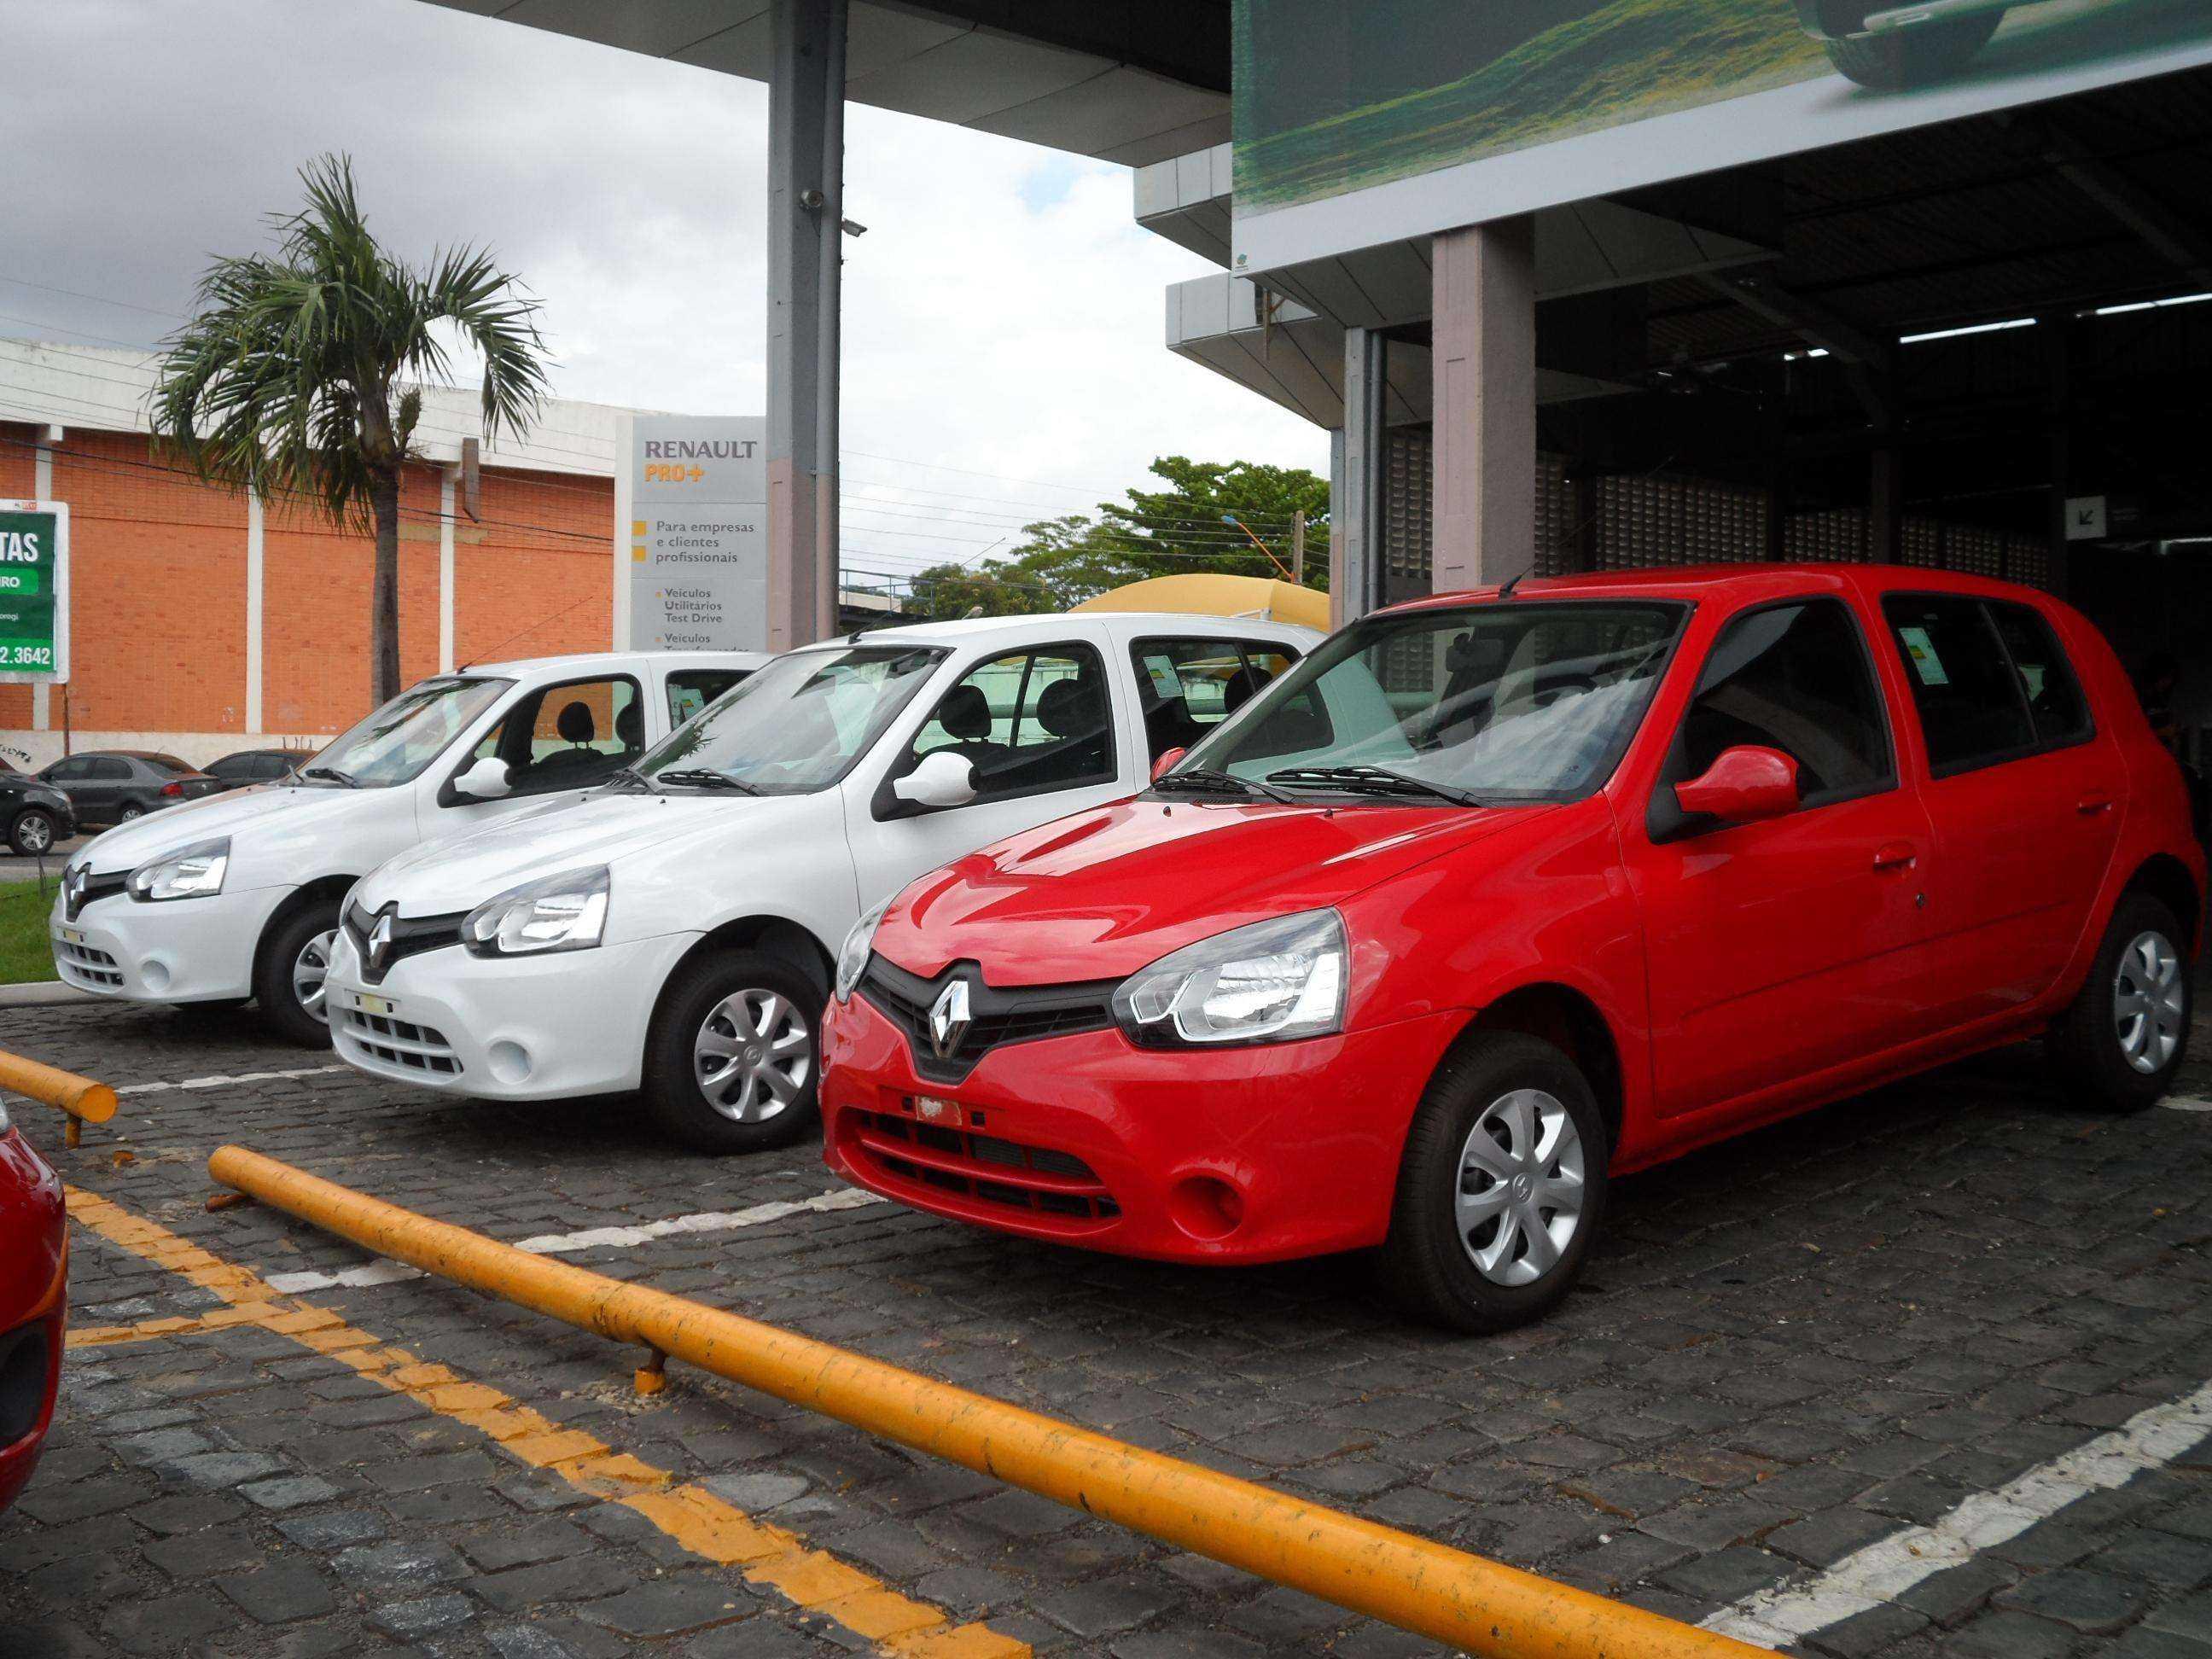 Carnaval de Ofertas: Renault Clio de R$ 34.990 por R$ 29.990